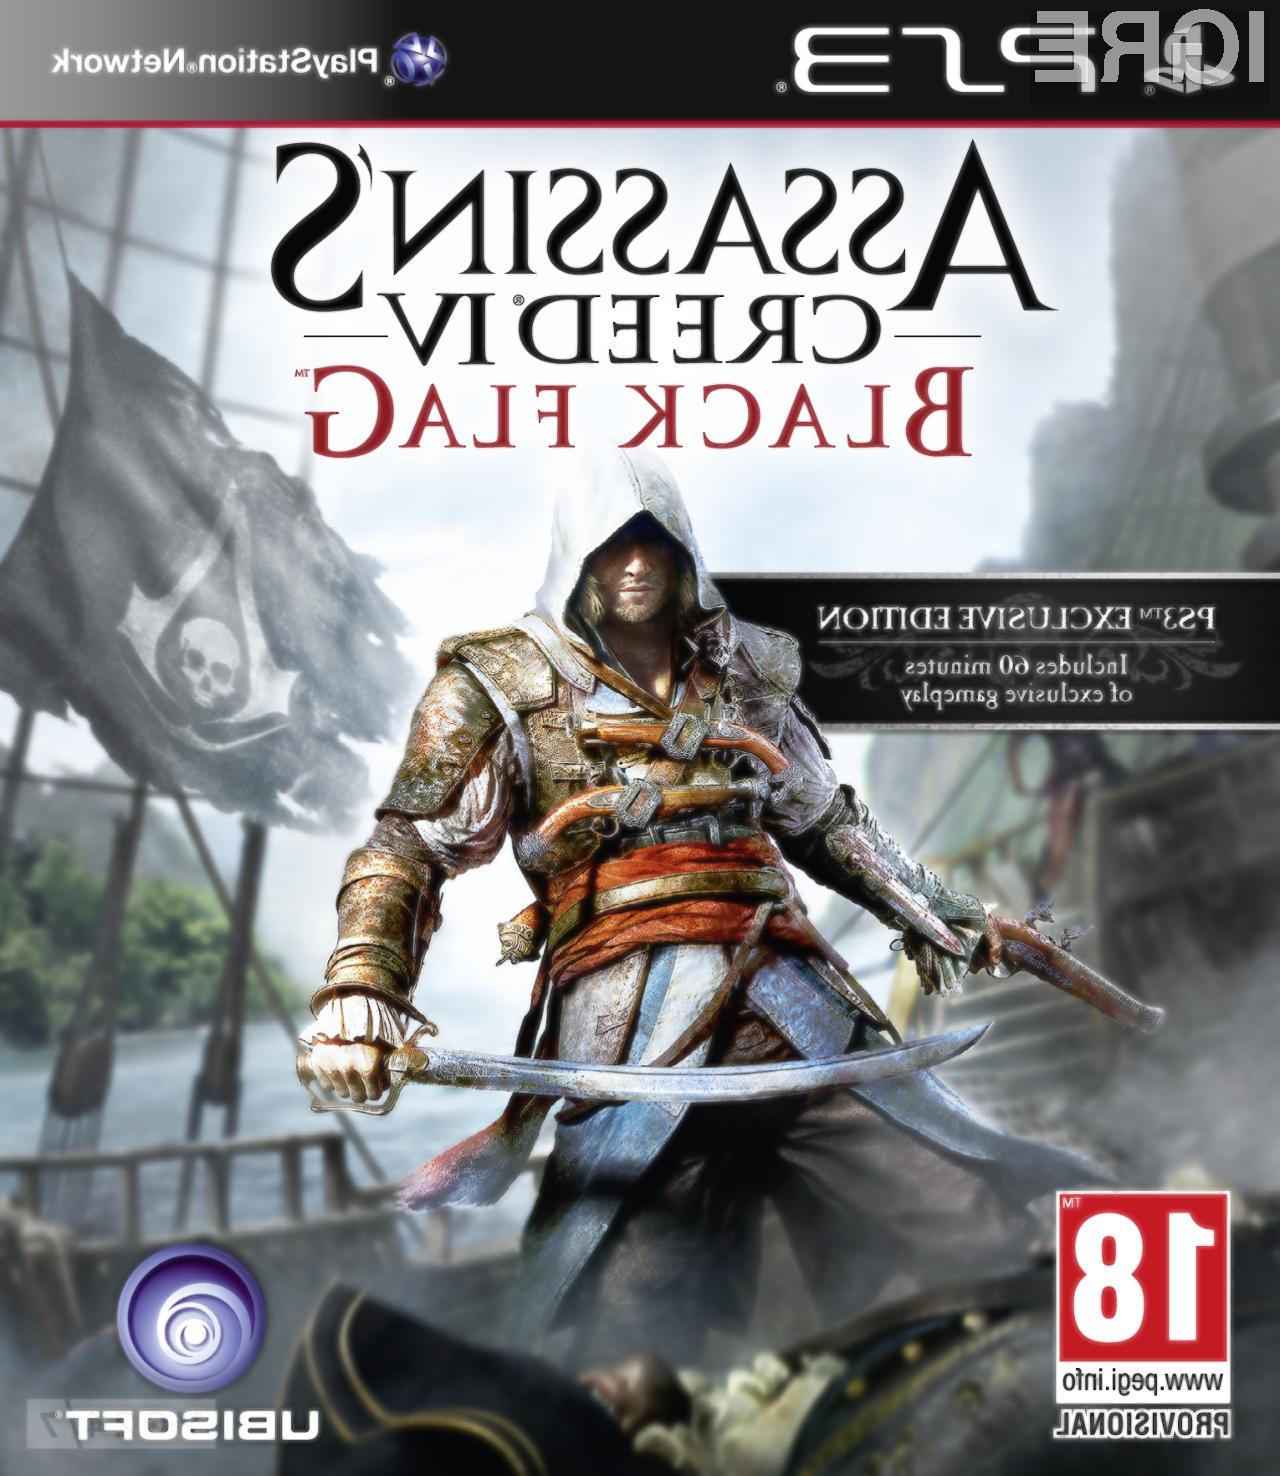 Novo nadaljevanje igre Assassin's Creed bo pripravljeno nekje v začetku naslednjega leta.